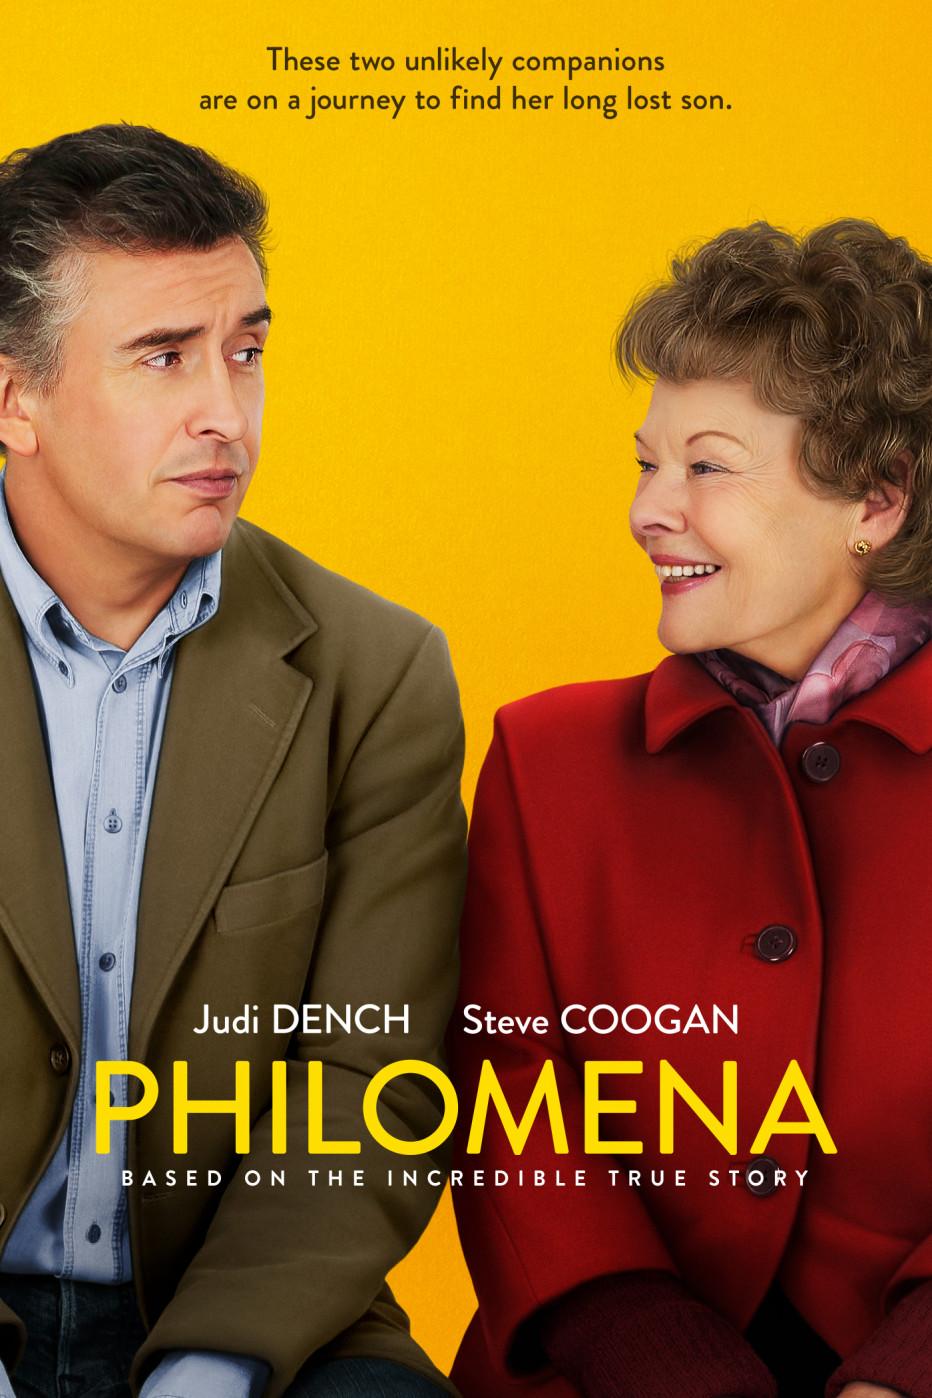 ФИЛОМЕНА Philomena